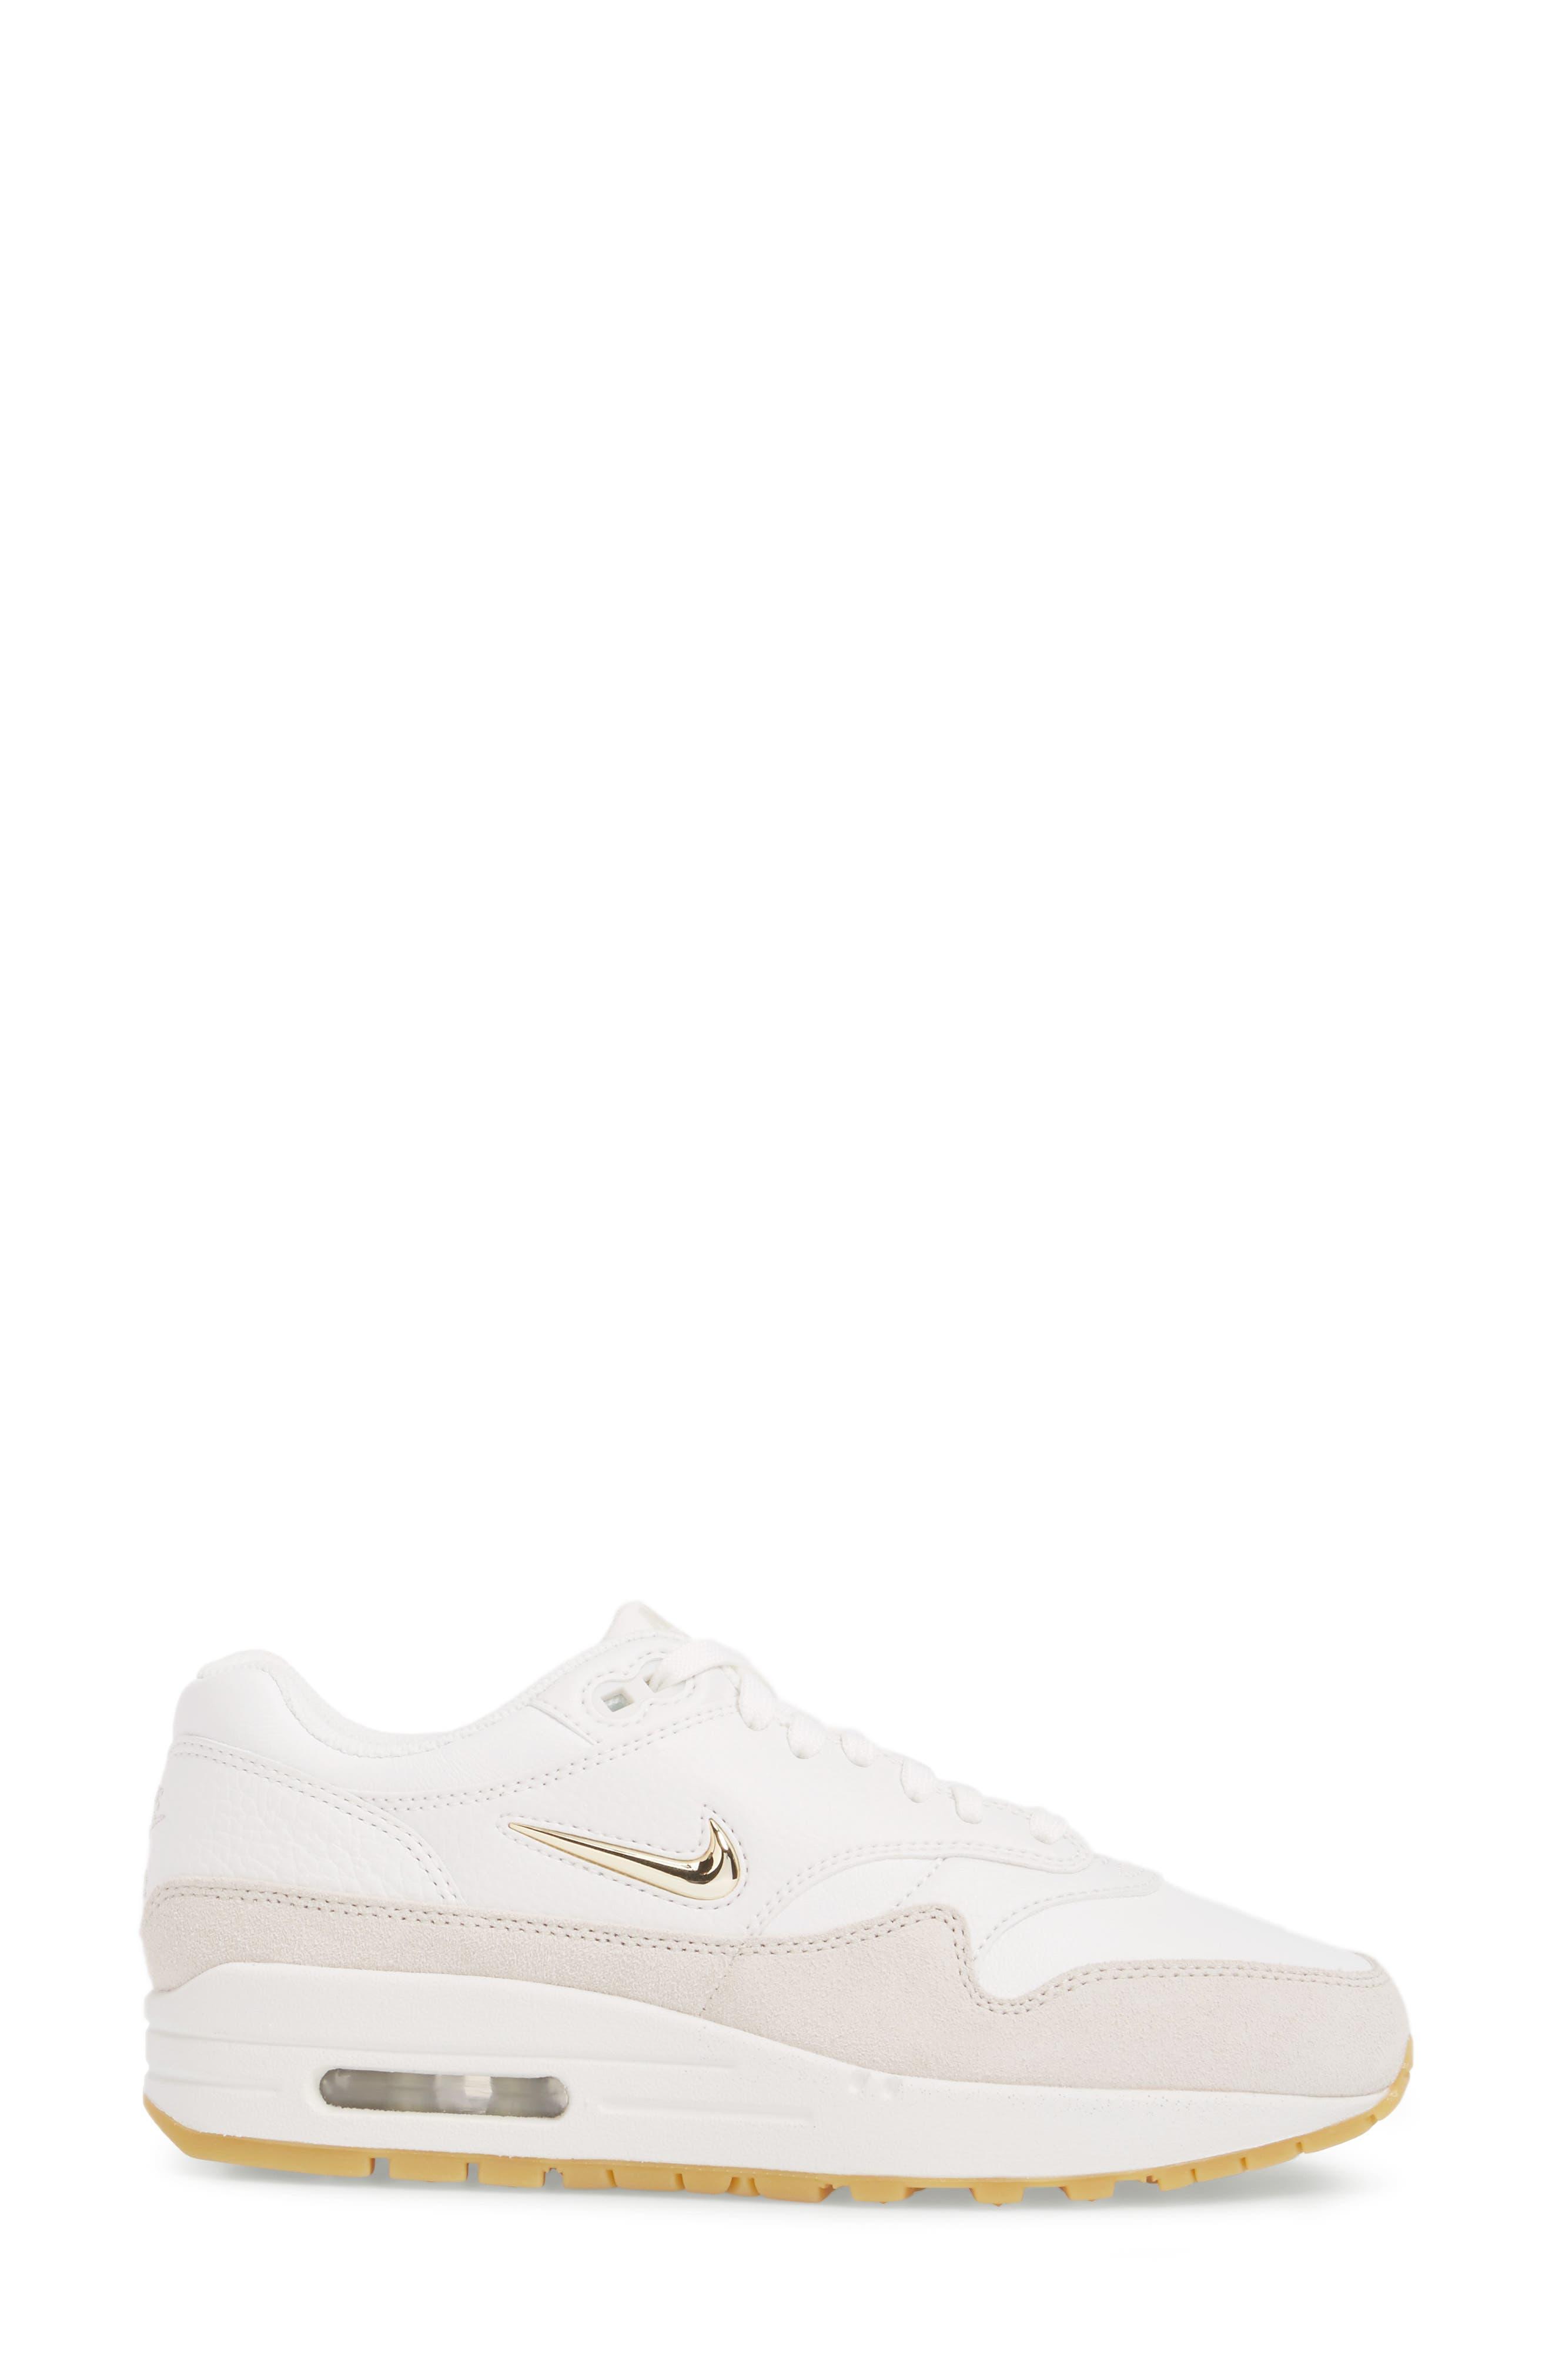 Alternate Image 3  - Nike Air Max 1 Premium SC Sneaker (Women)